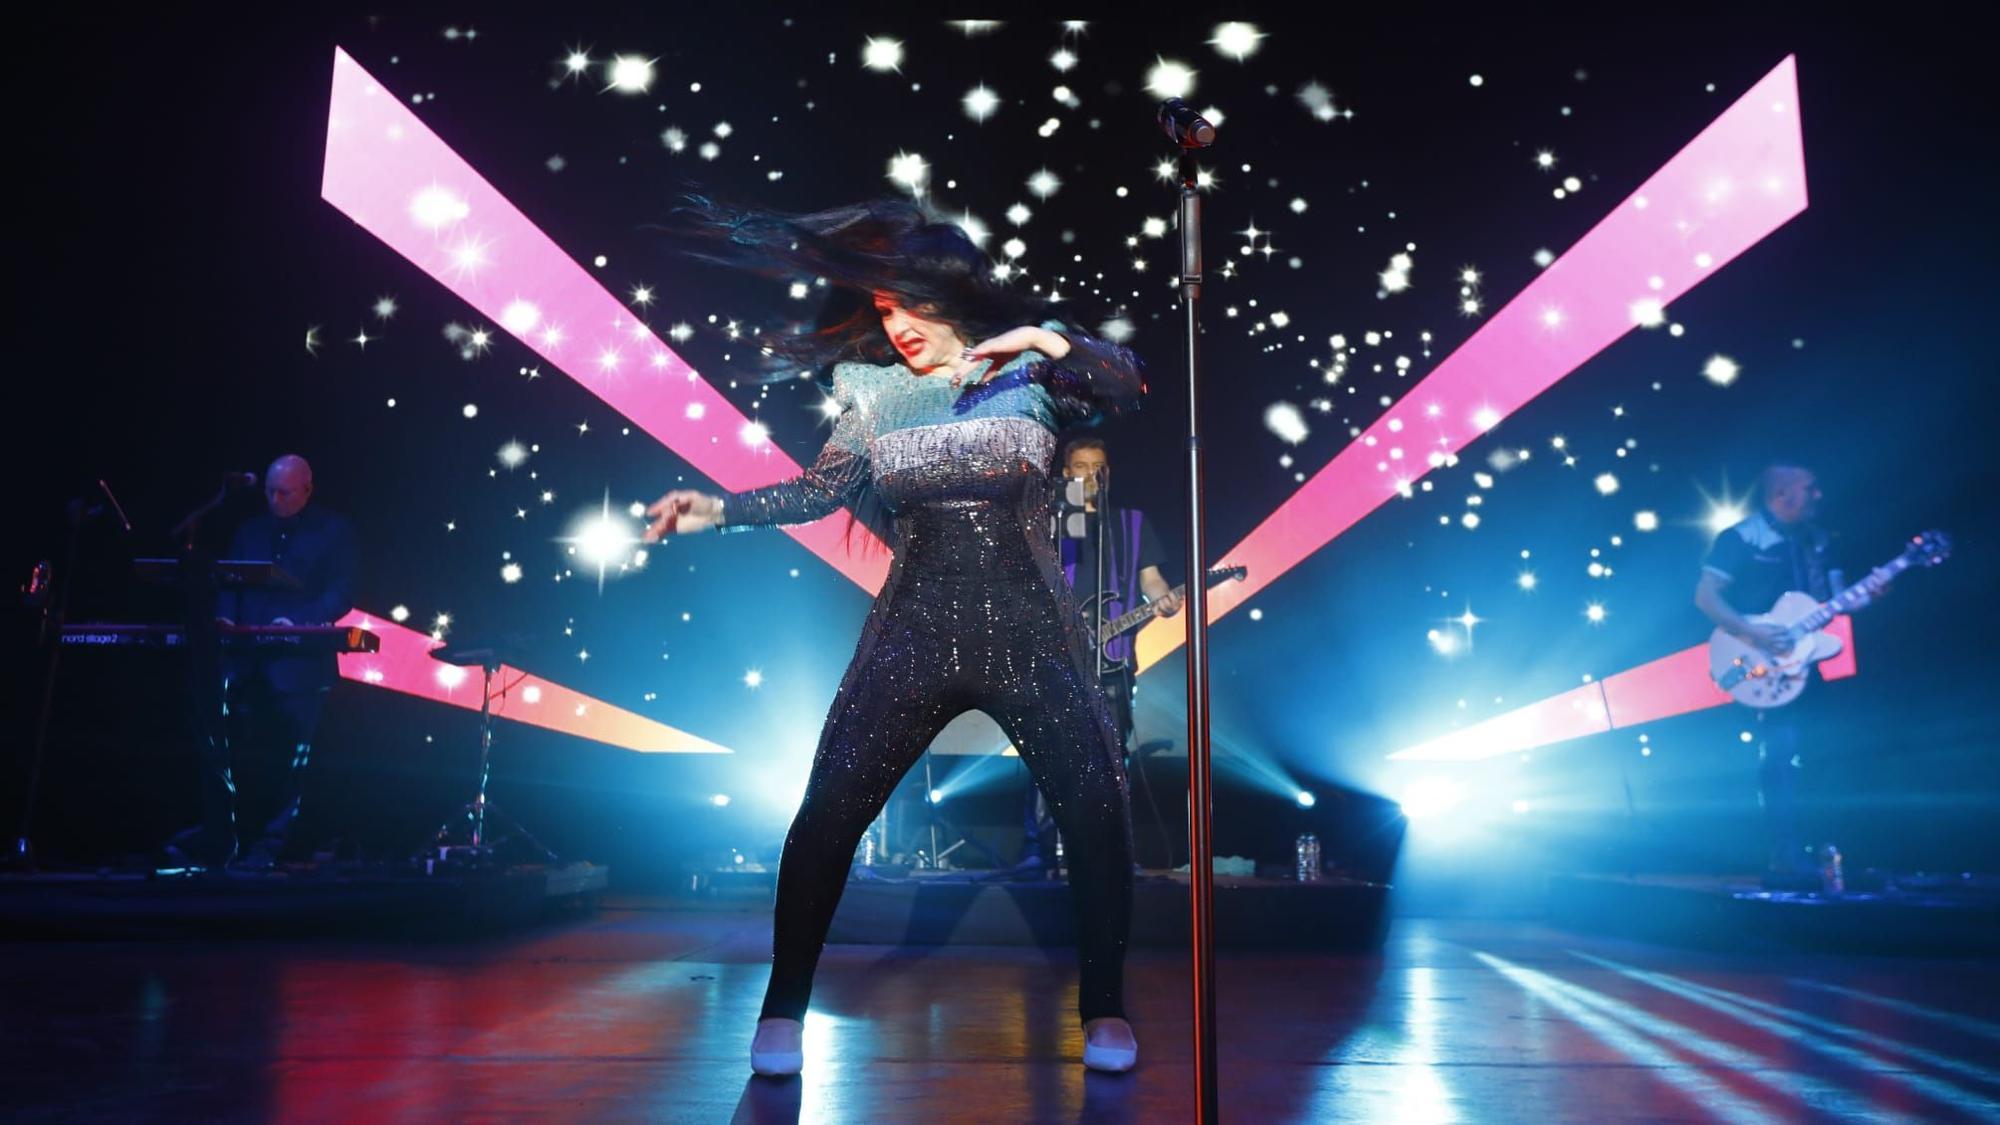 FOTOGALERÍA | Las mejores imágenes del concierto de Fangoria este sábado